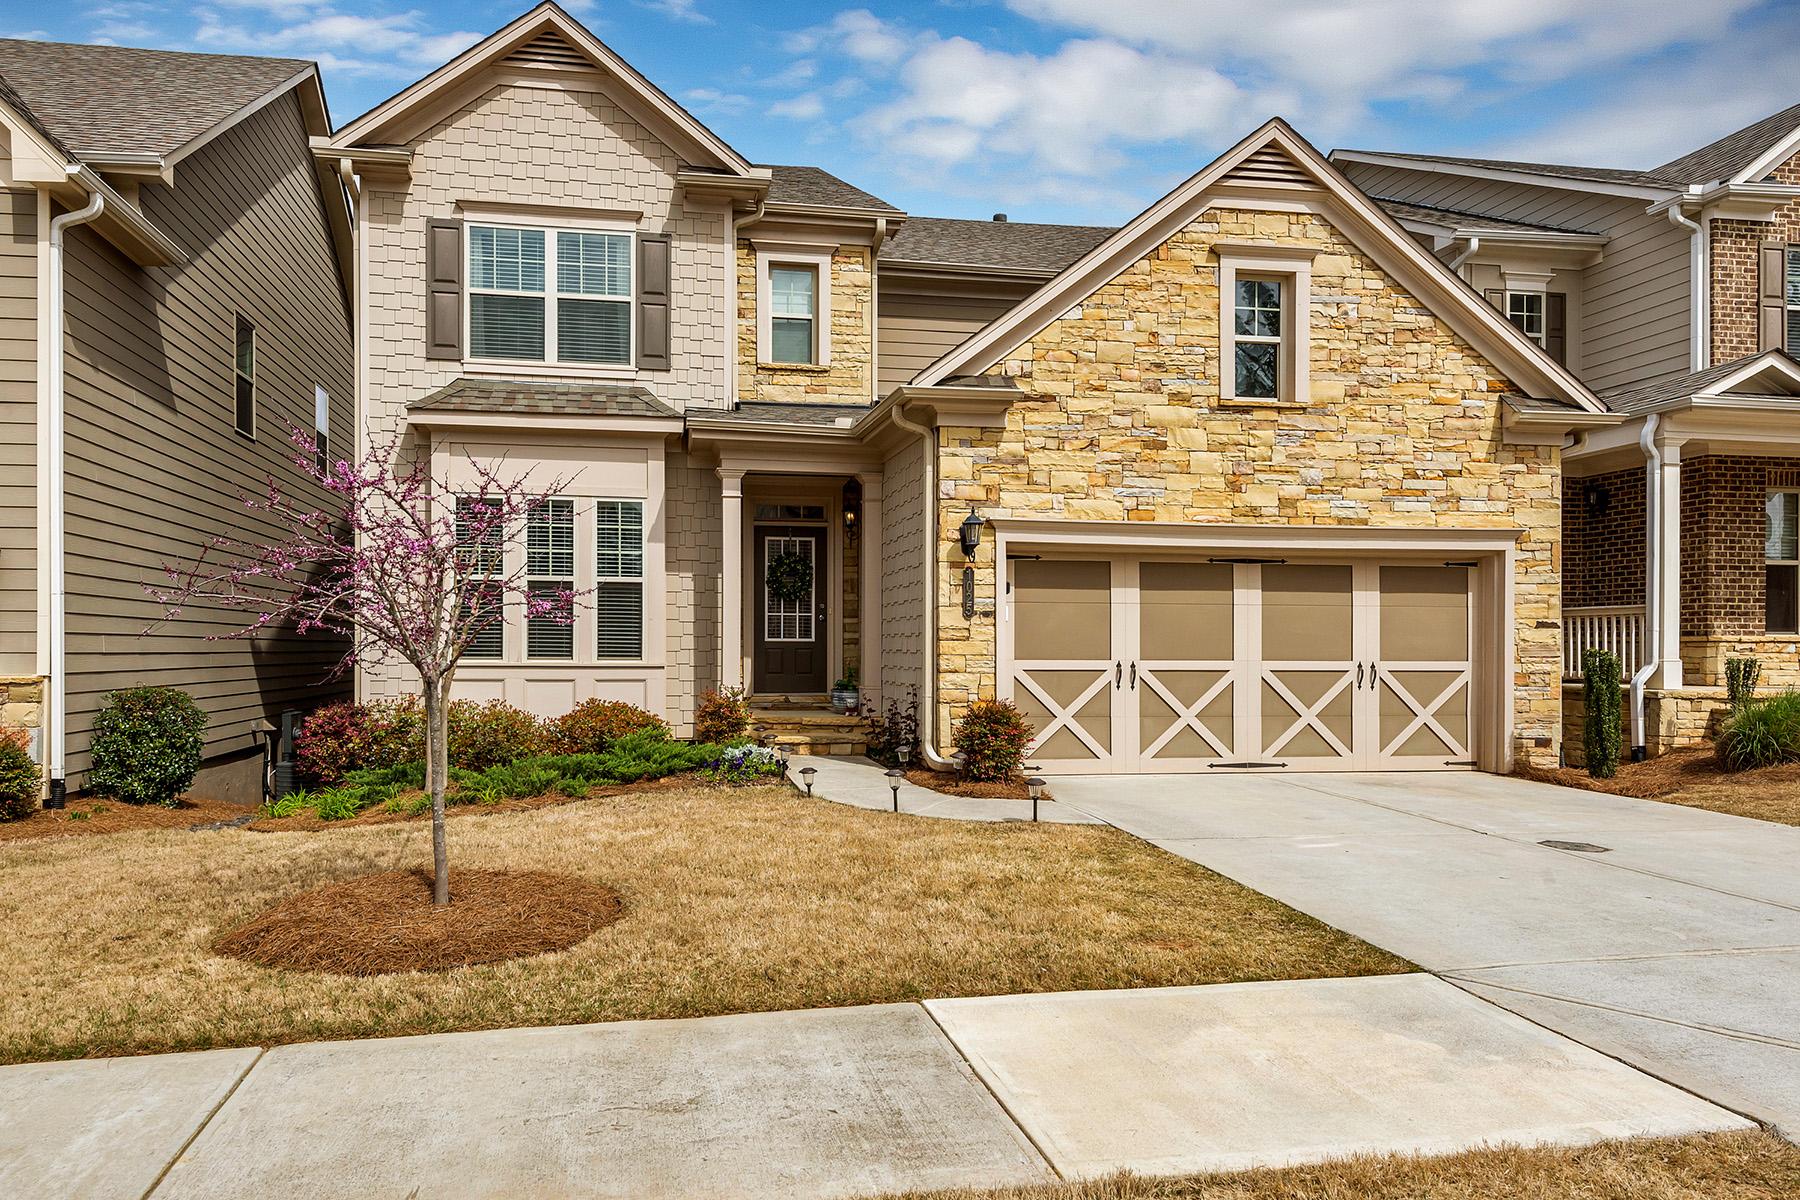 Moradia para Venda às Charming Spacious Roswell Home 1025 Roswell Manor Ct Roswell, Geórgia 30076 Estados Unidos